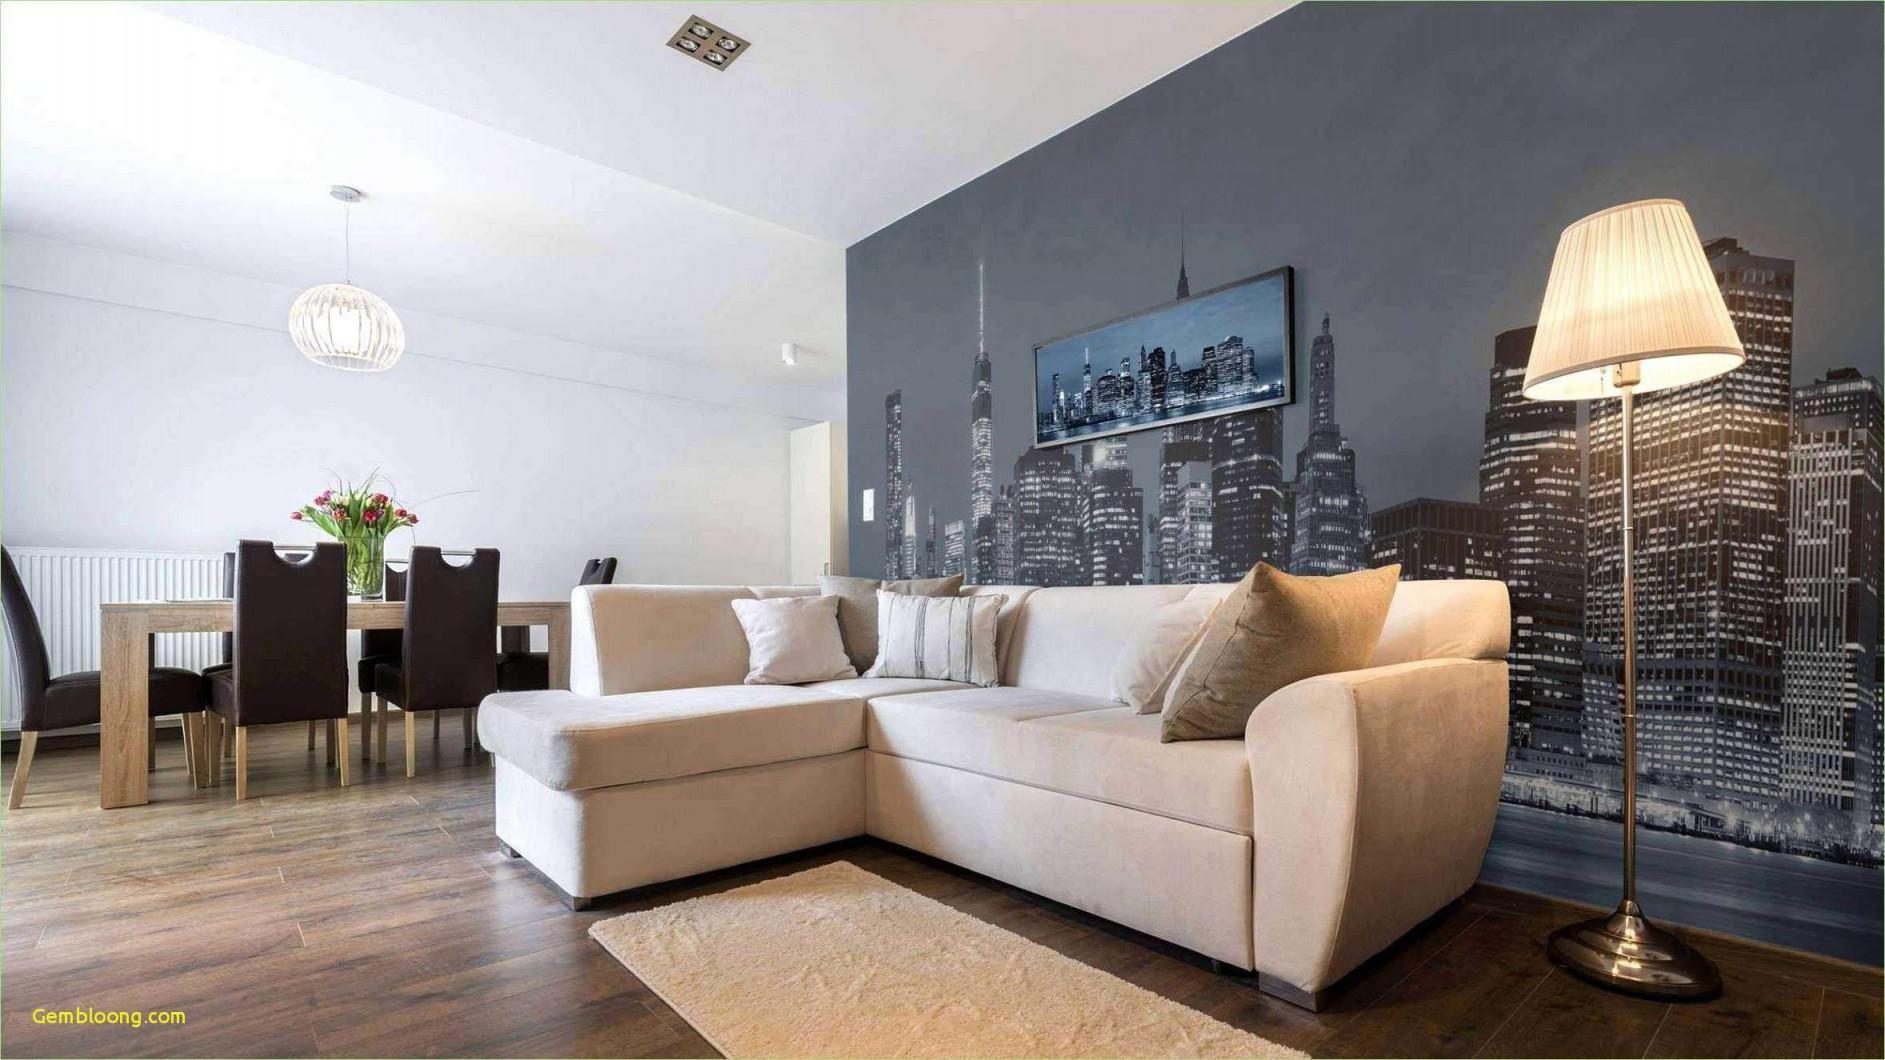 40 Schön Wohnzimmer Design Ideen Reizend  Wohnzimmer Frisch von Wohnzimmer Design Ideen Photo